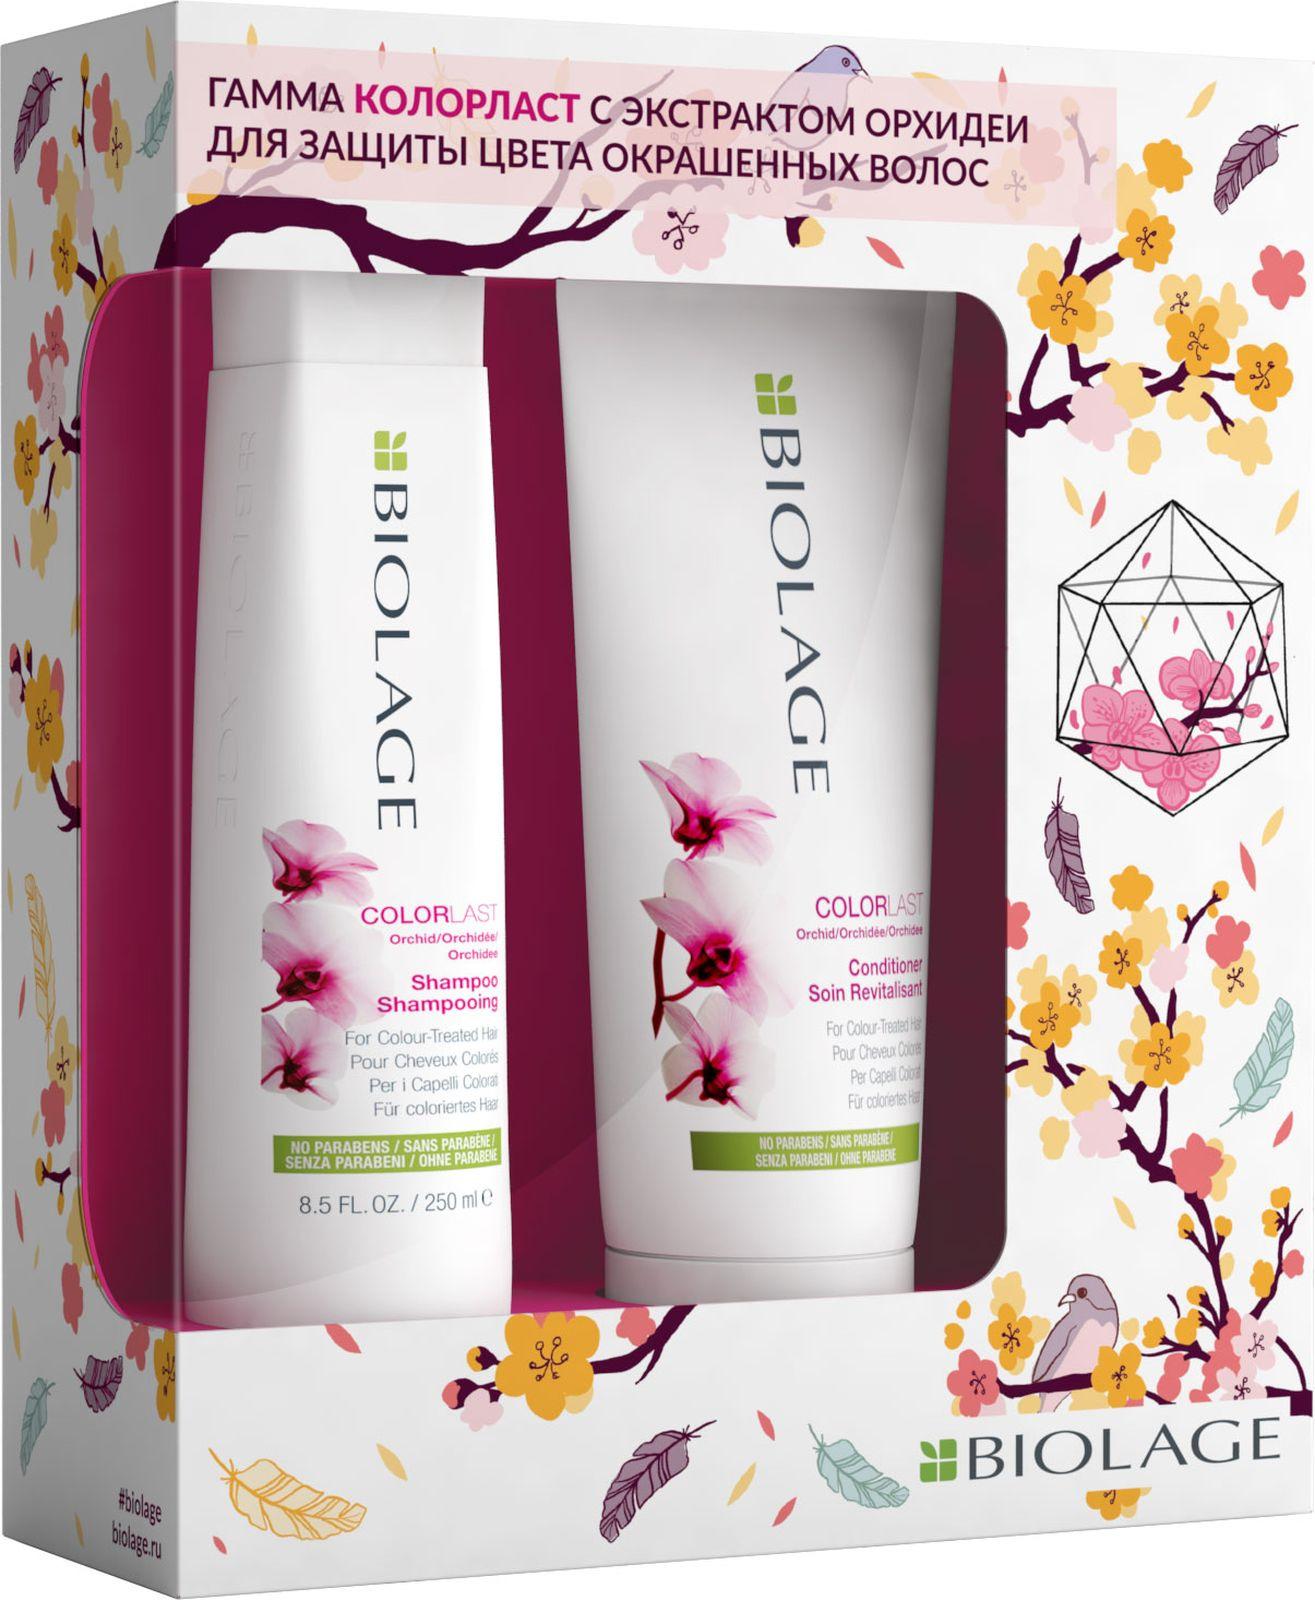 Косметический набор для волос Matrix Подарочный Biolage ColorLast биолаж колорласт шампунь для окрашенных волос 250 мл matrix biolage colorlast